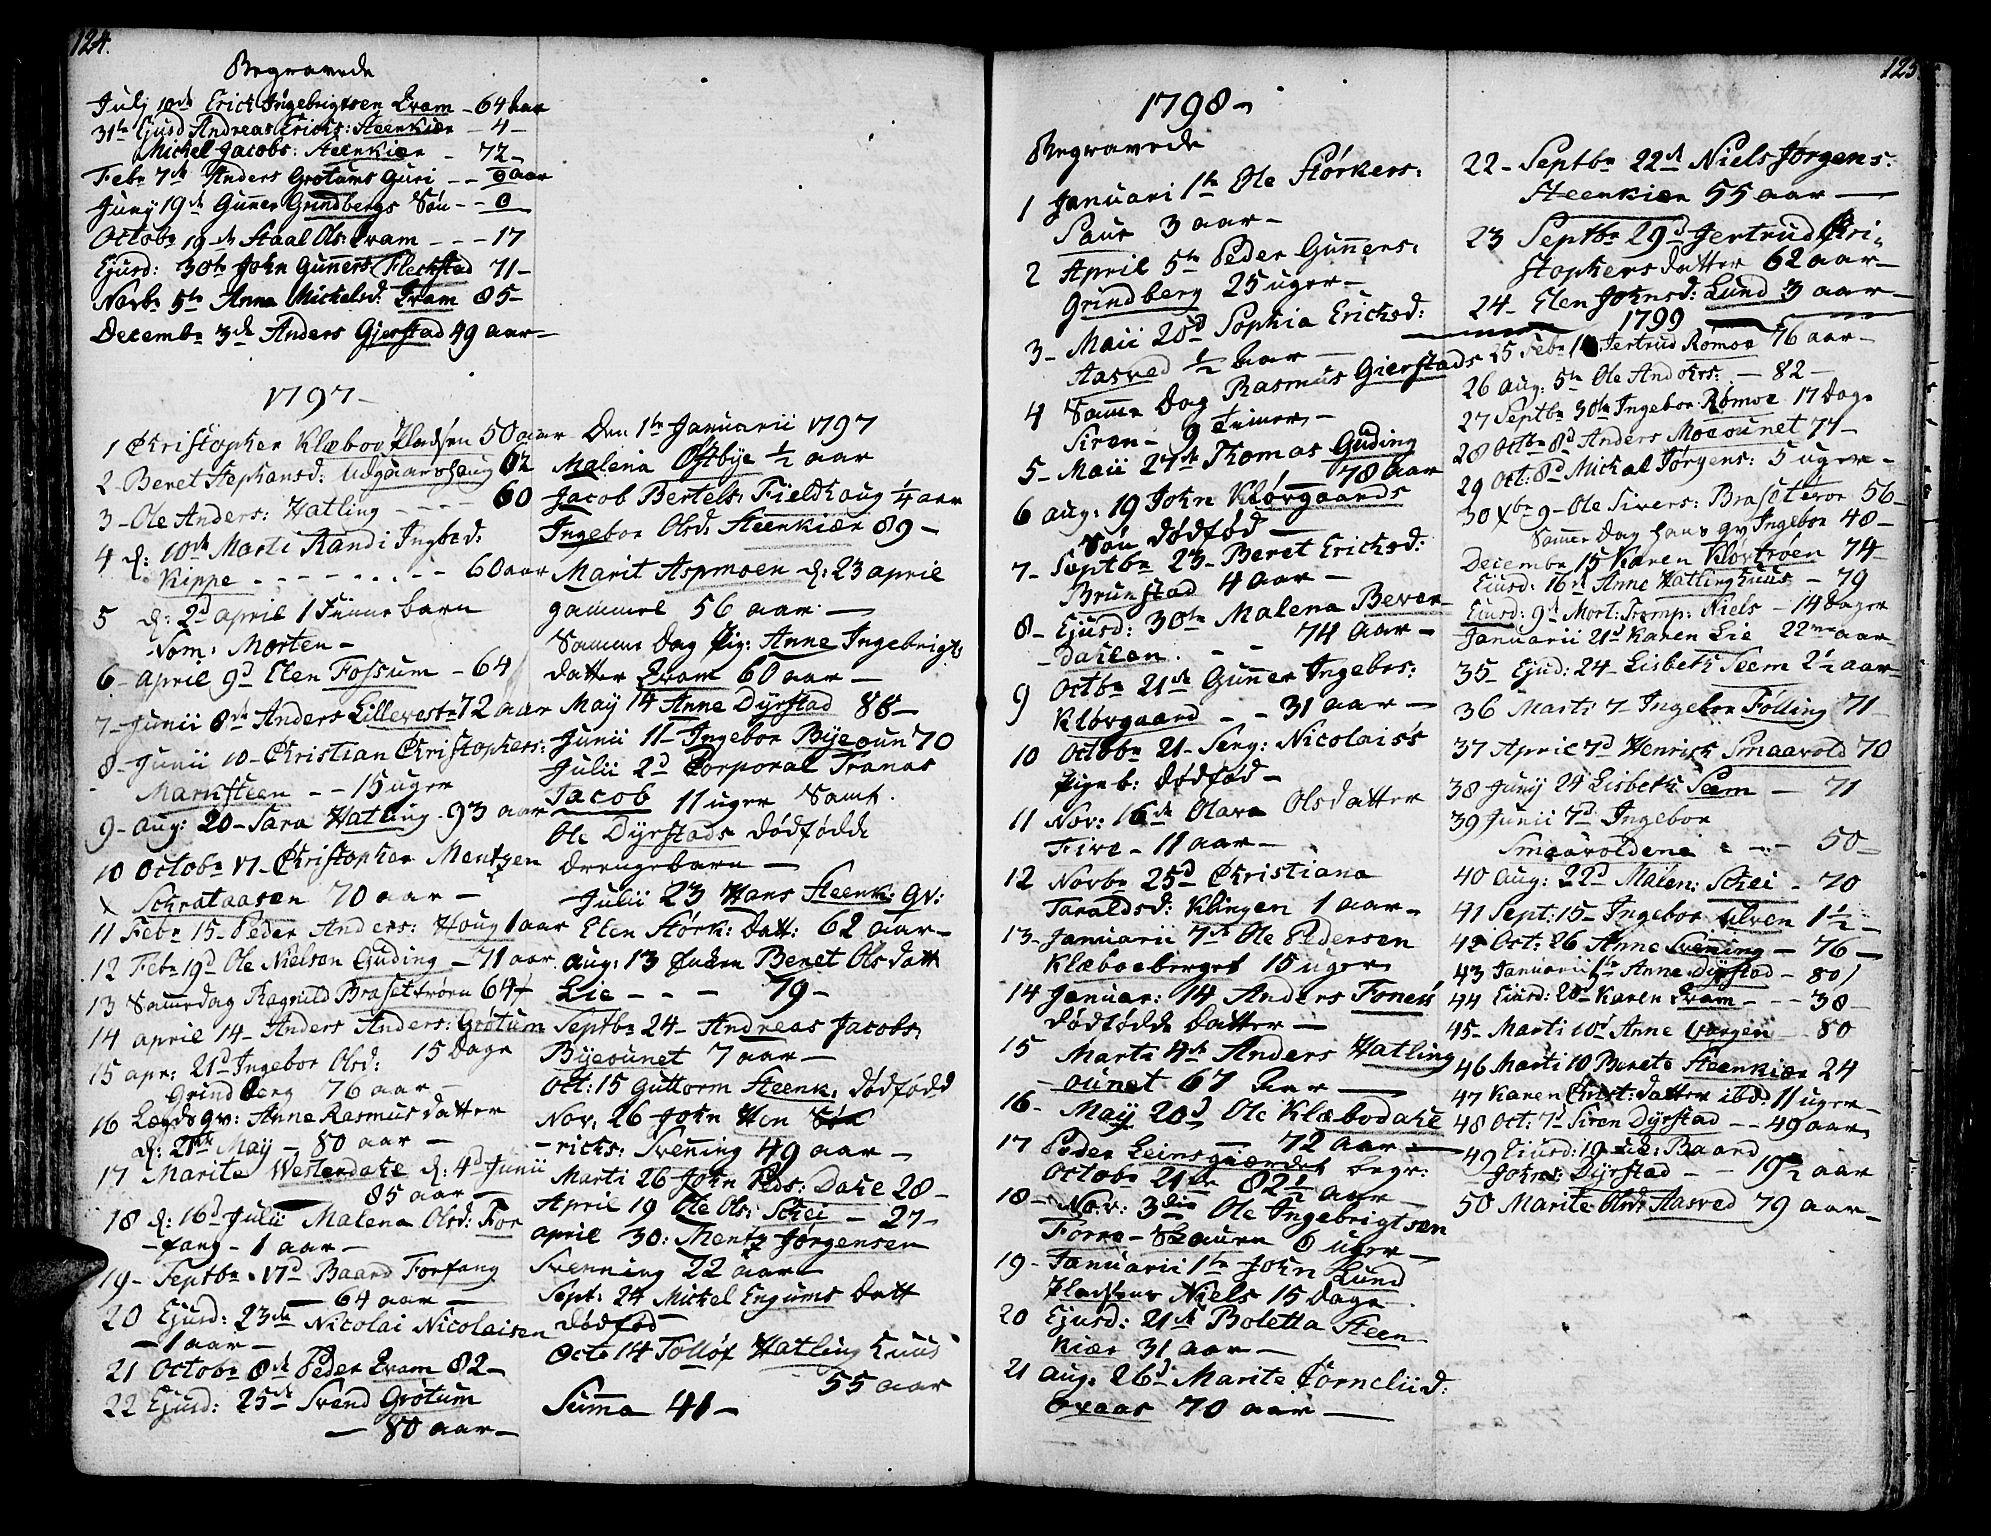 SAT, Ministerialprotokoller, klokkerbøker og fødselsregistre - Nord-Trøndelag, 746/L0440: Ministerialbok nr. 746A02, 1760-1815, s. 124-125